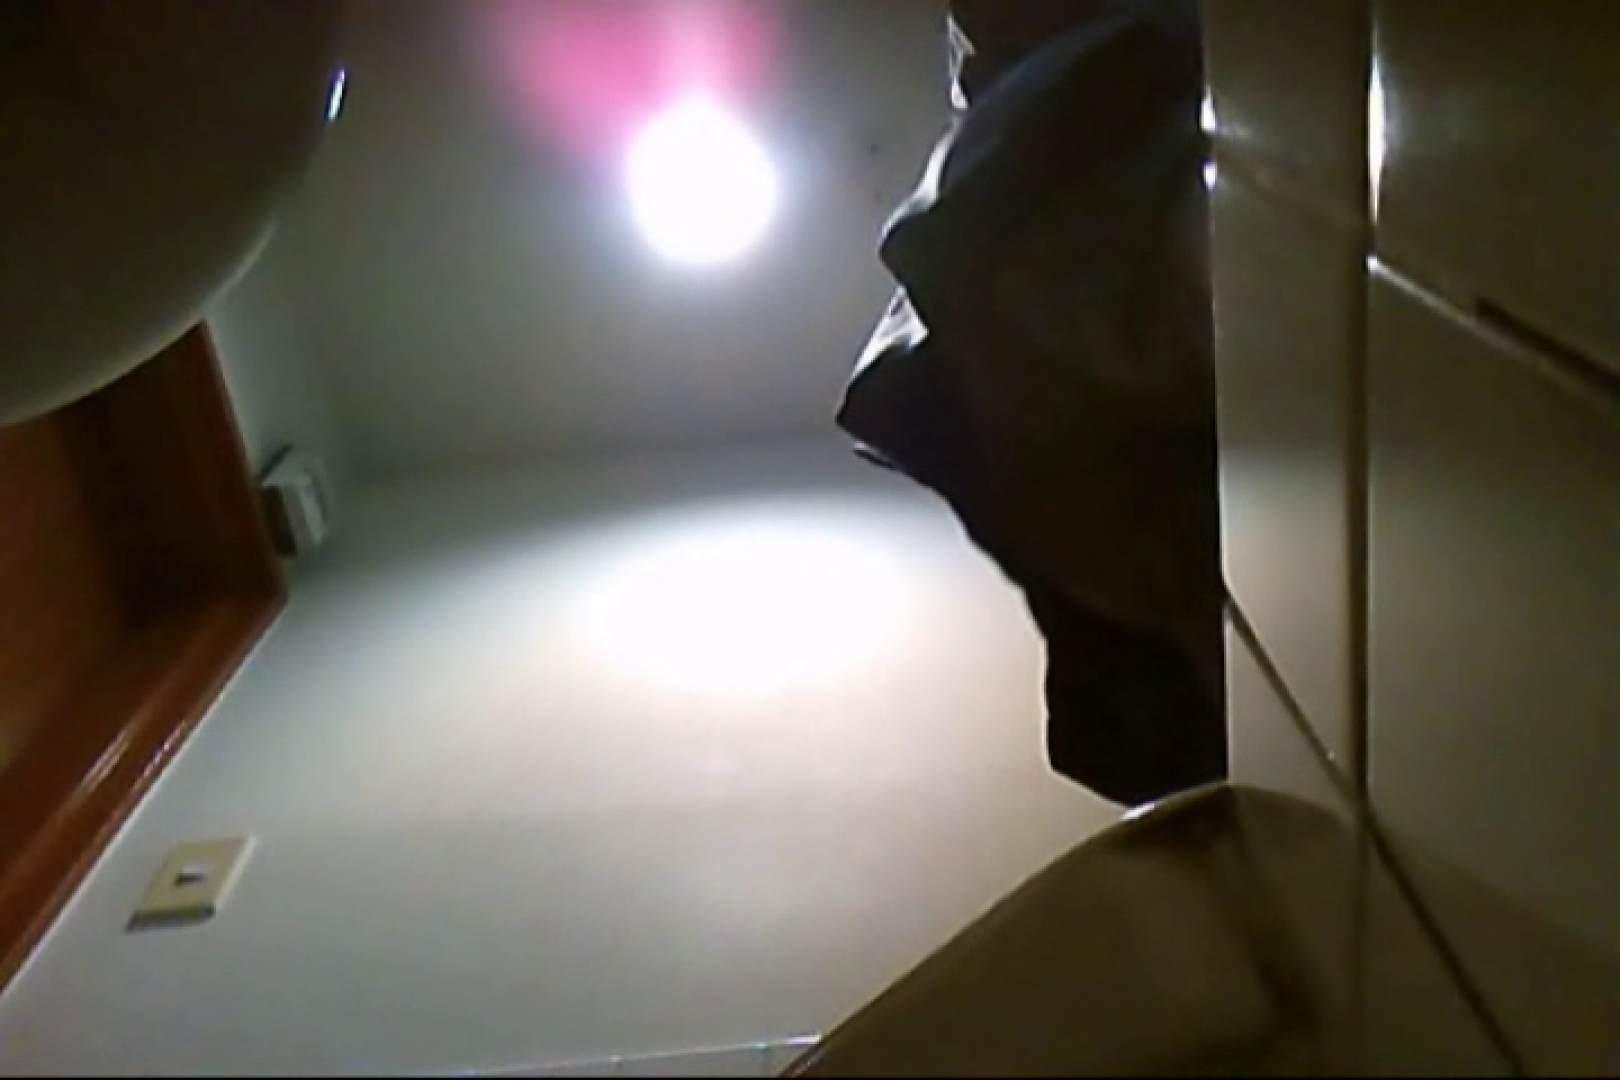 Gボーイ初投稿!掴み取りさんの洗面所覗き!in新幹線!VOL.16 スジ筋系男子 ゲイ丸見え画像 79枚 37